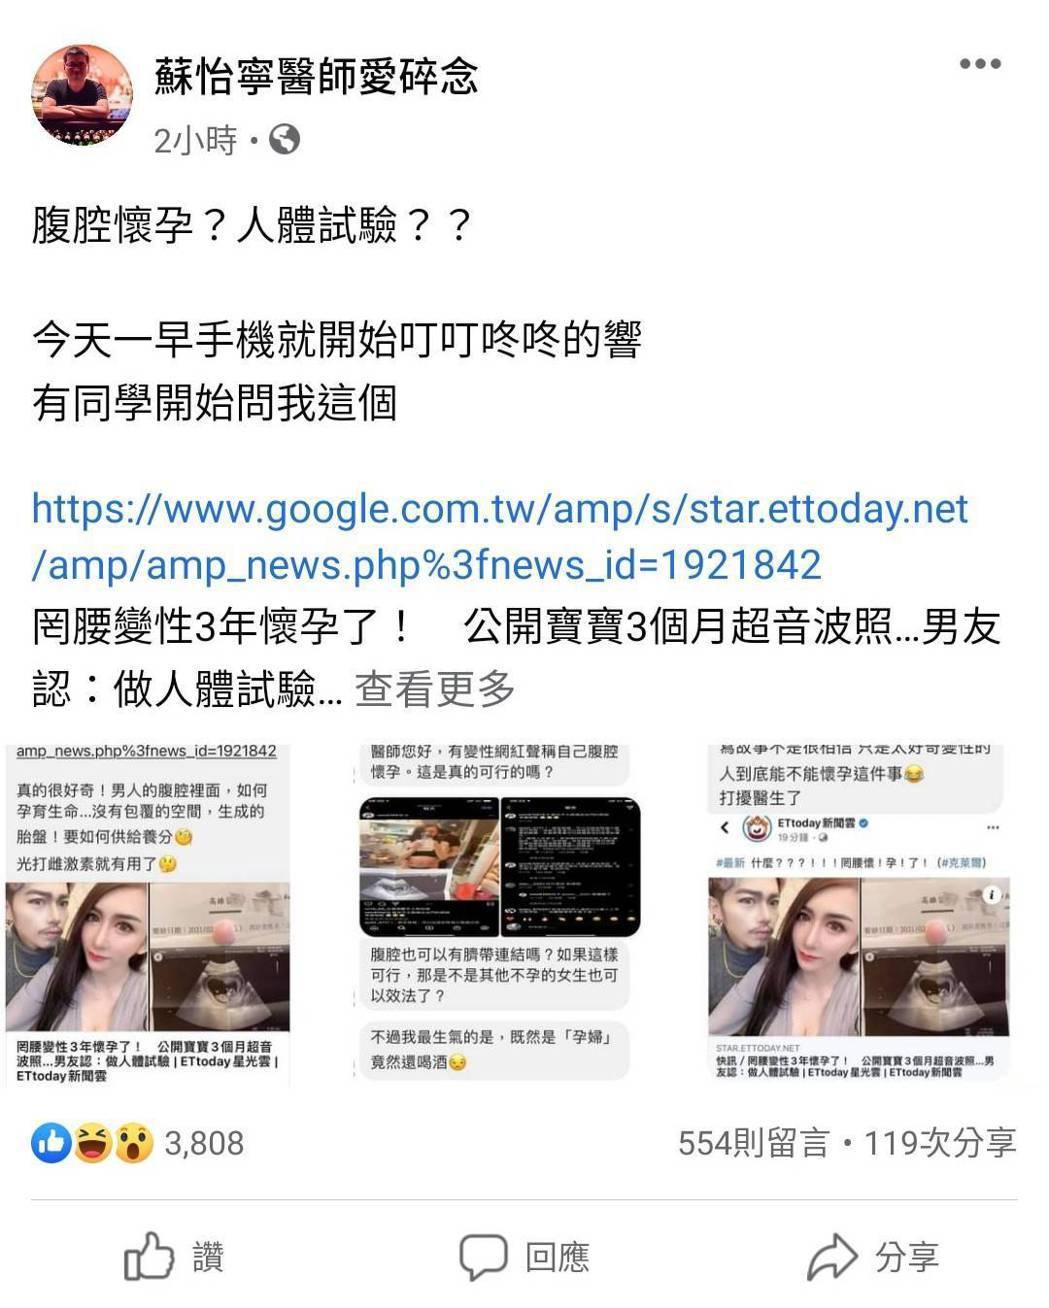 圖/蘇怡寧醫師愛碎念 臉書